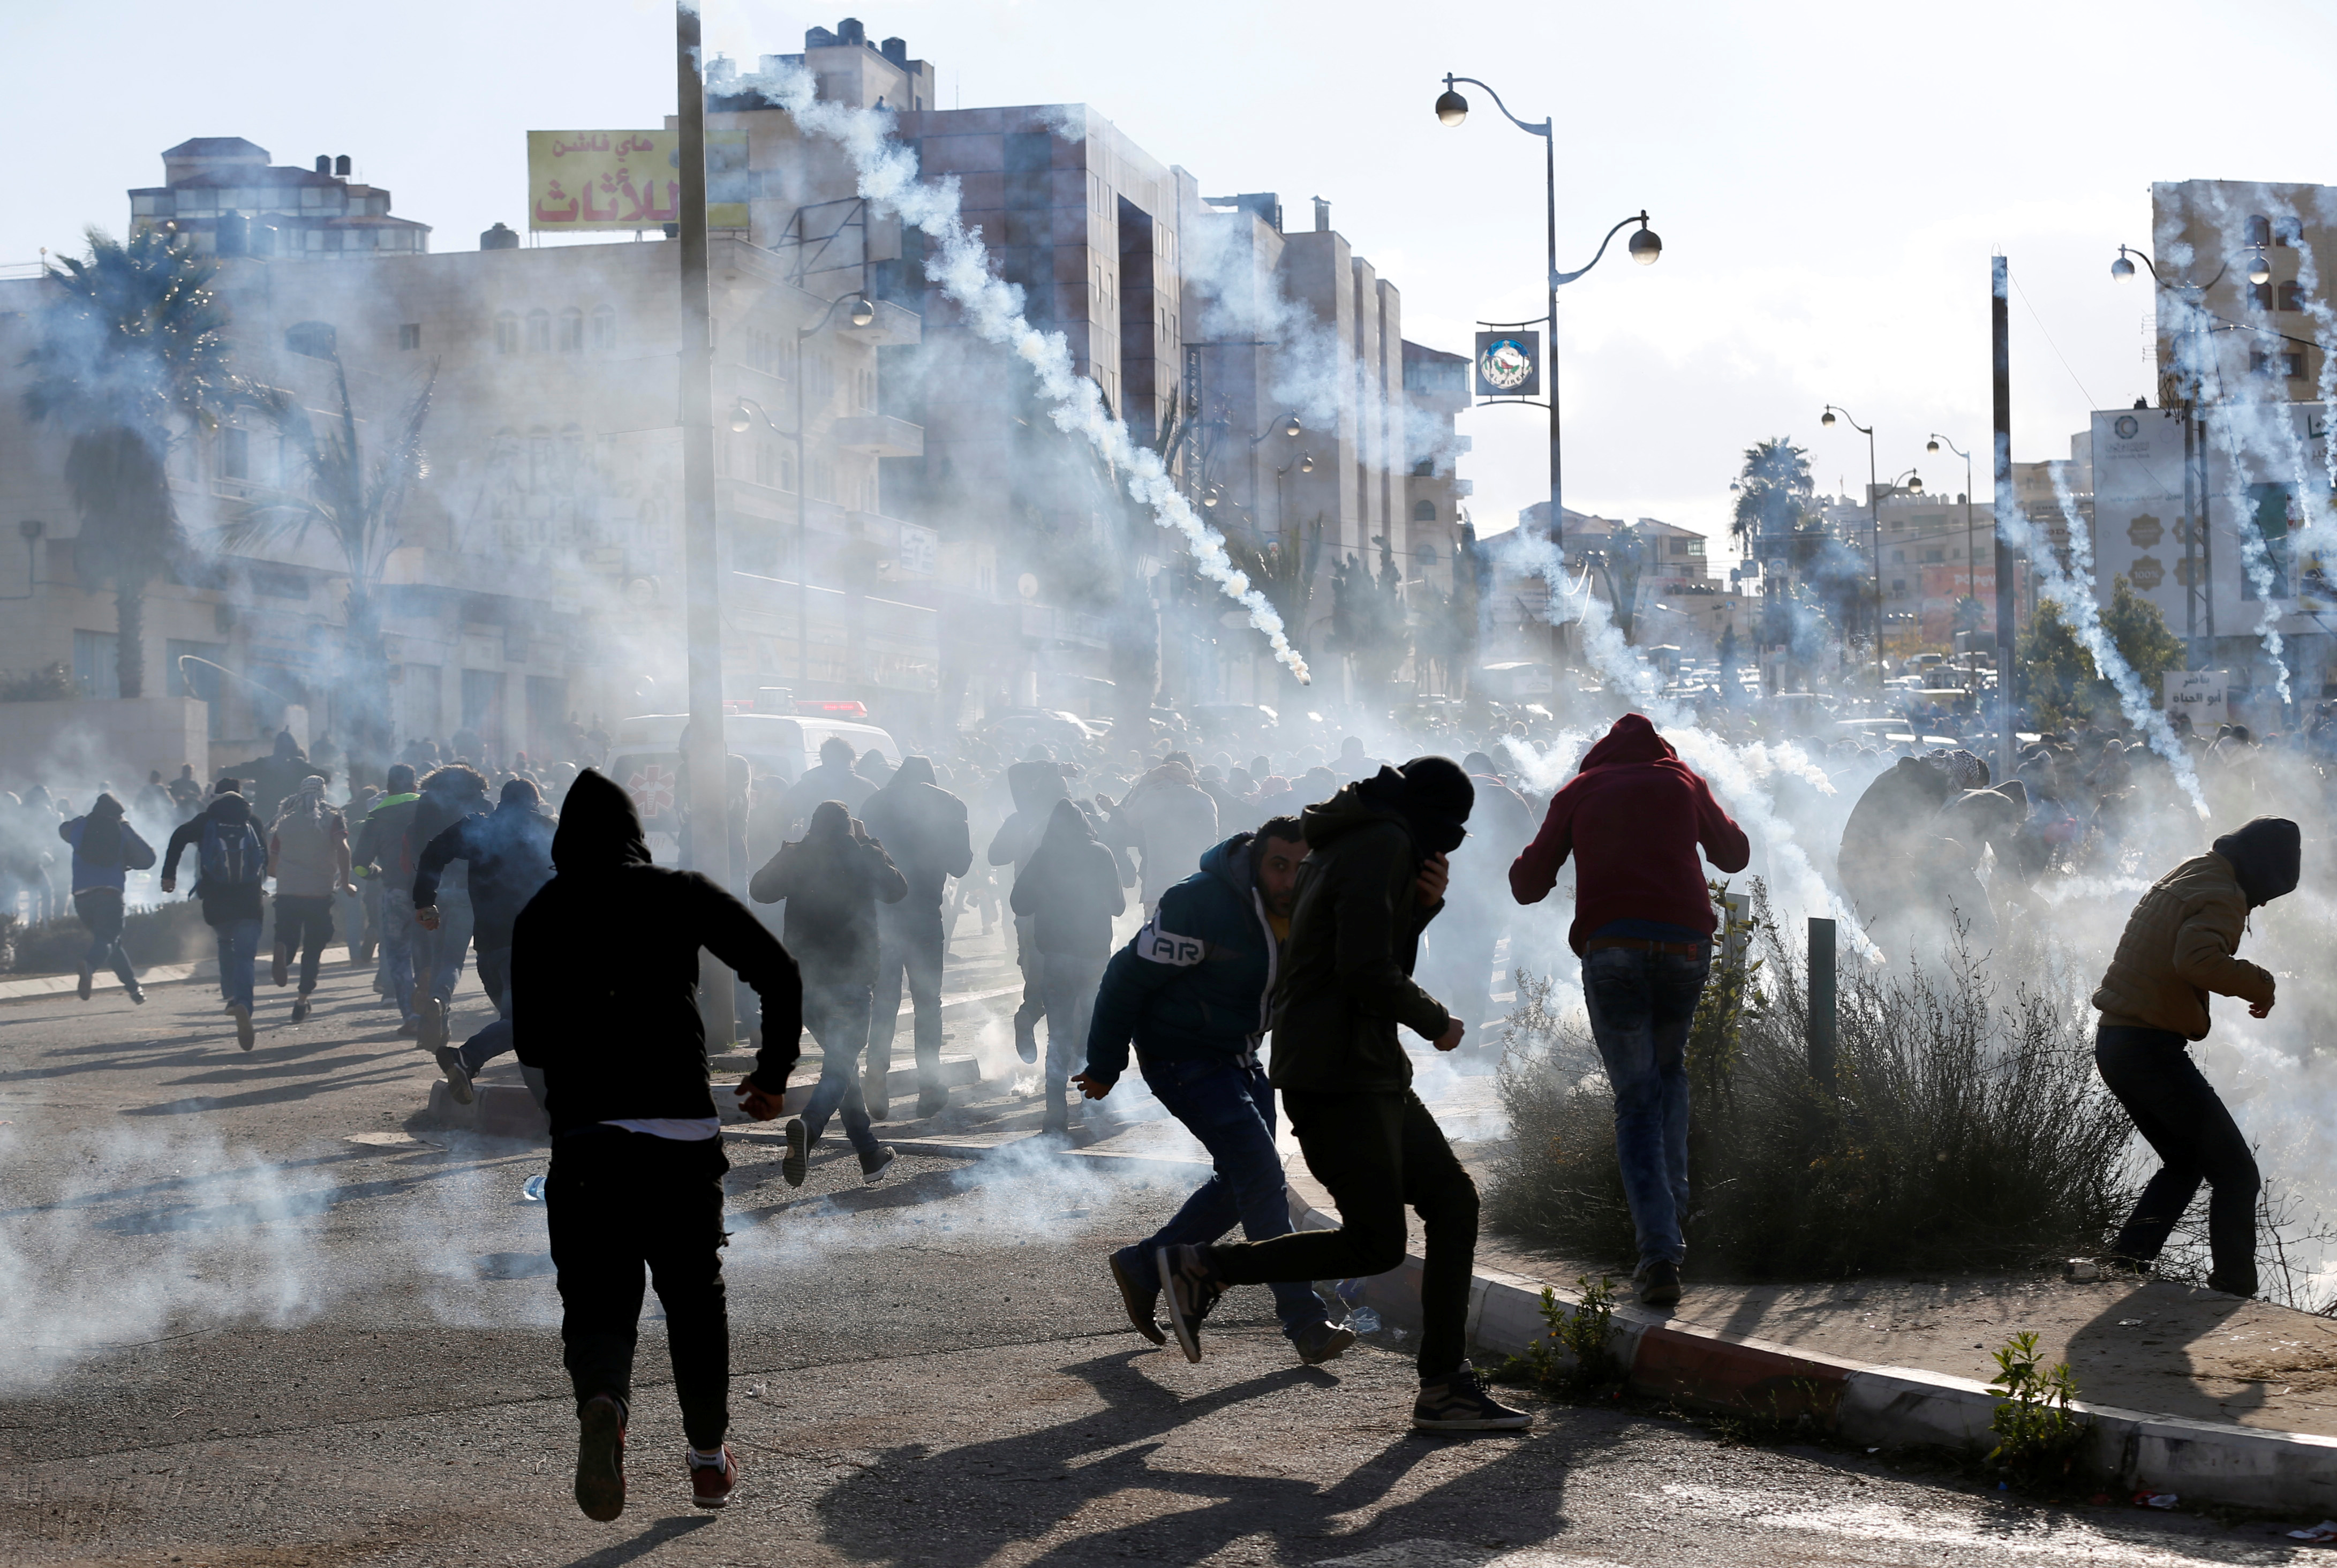 اشتباكات عنيفة بين قوات الاحتلال والفسطينين